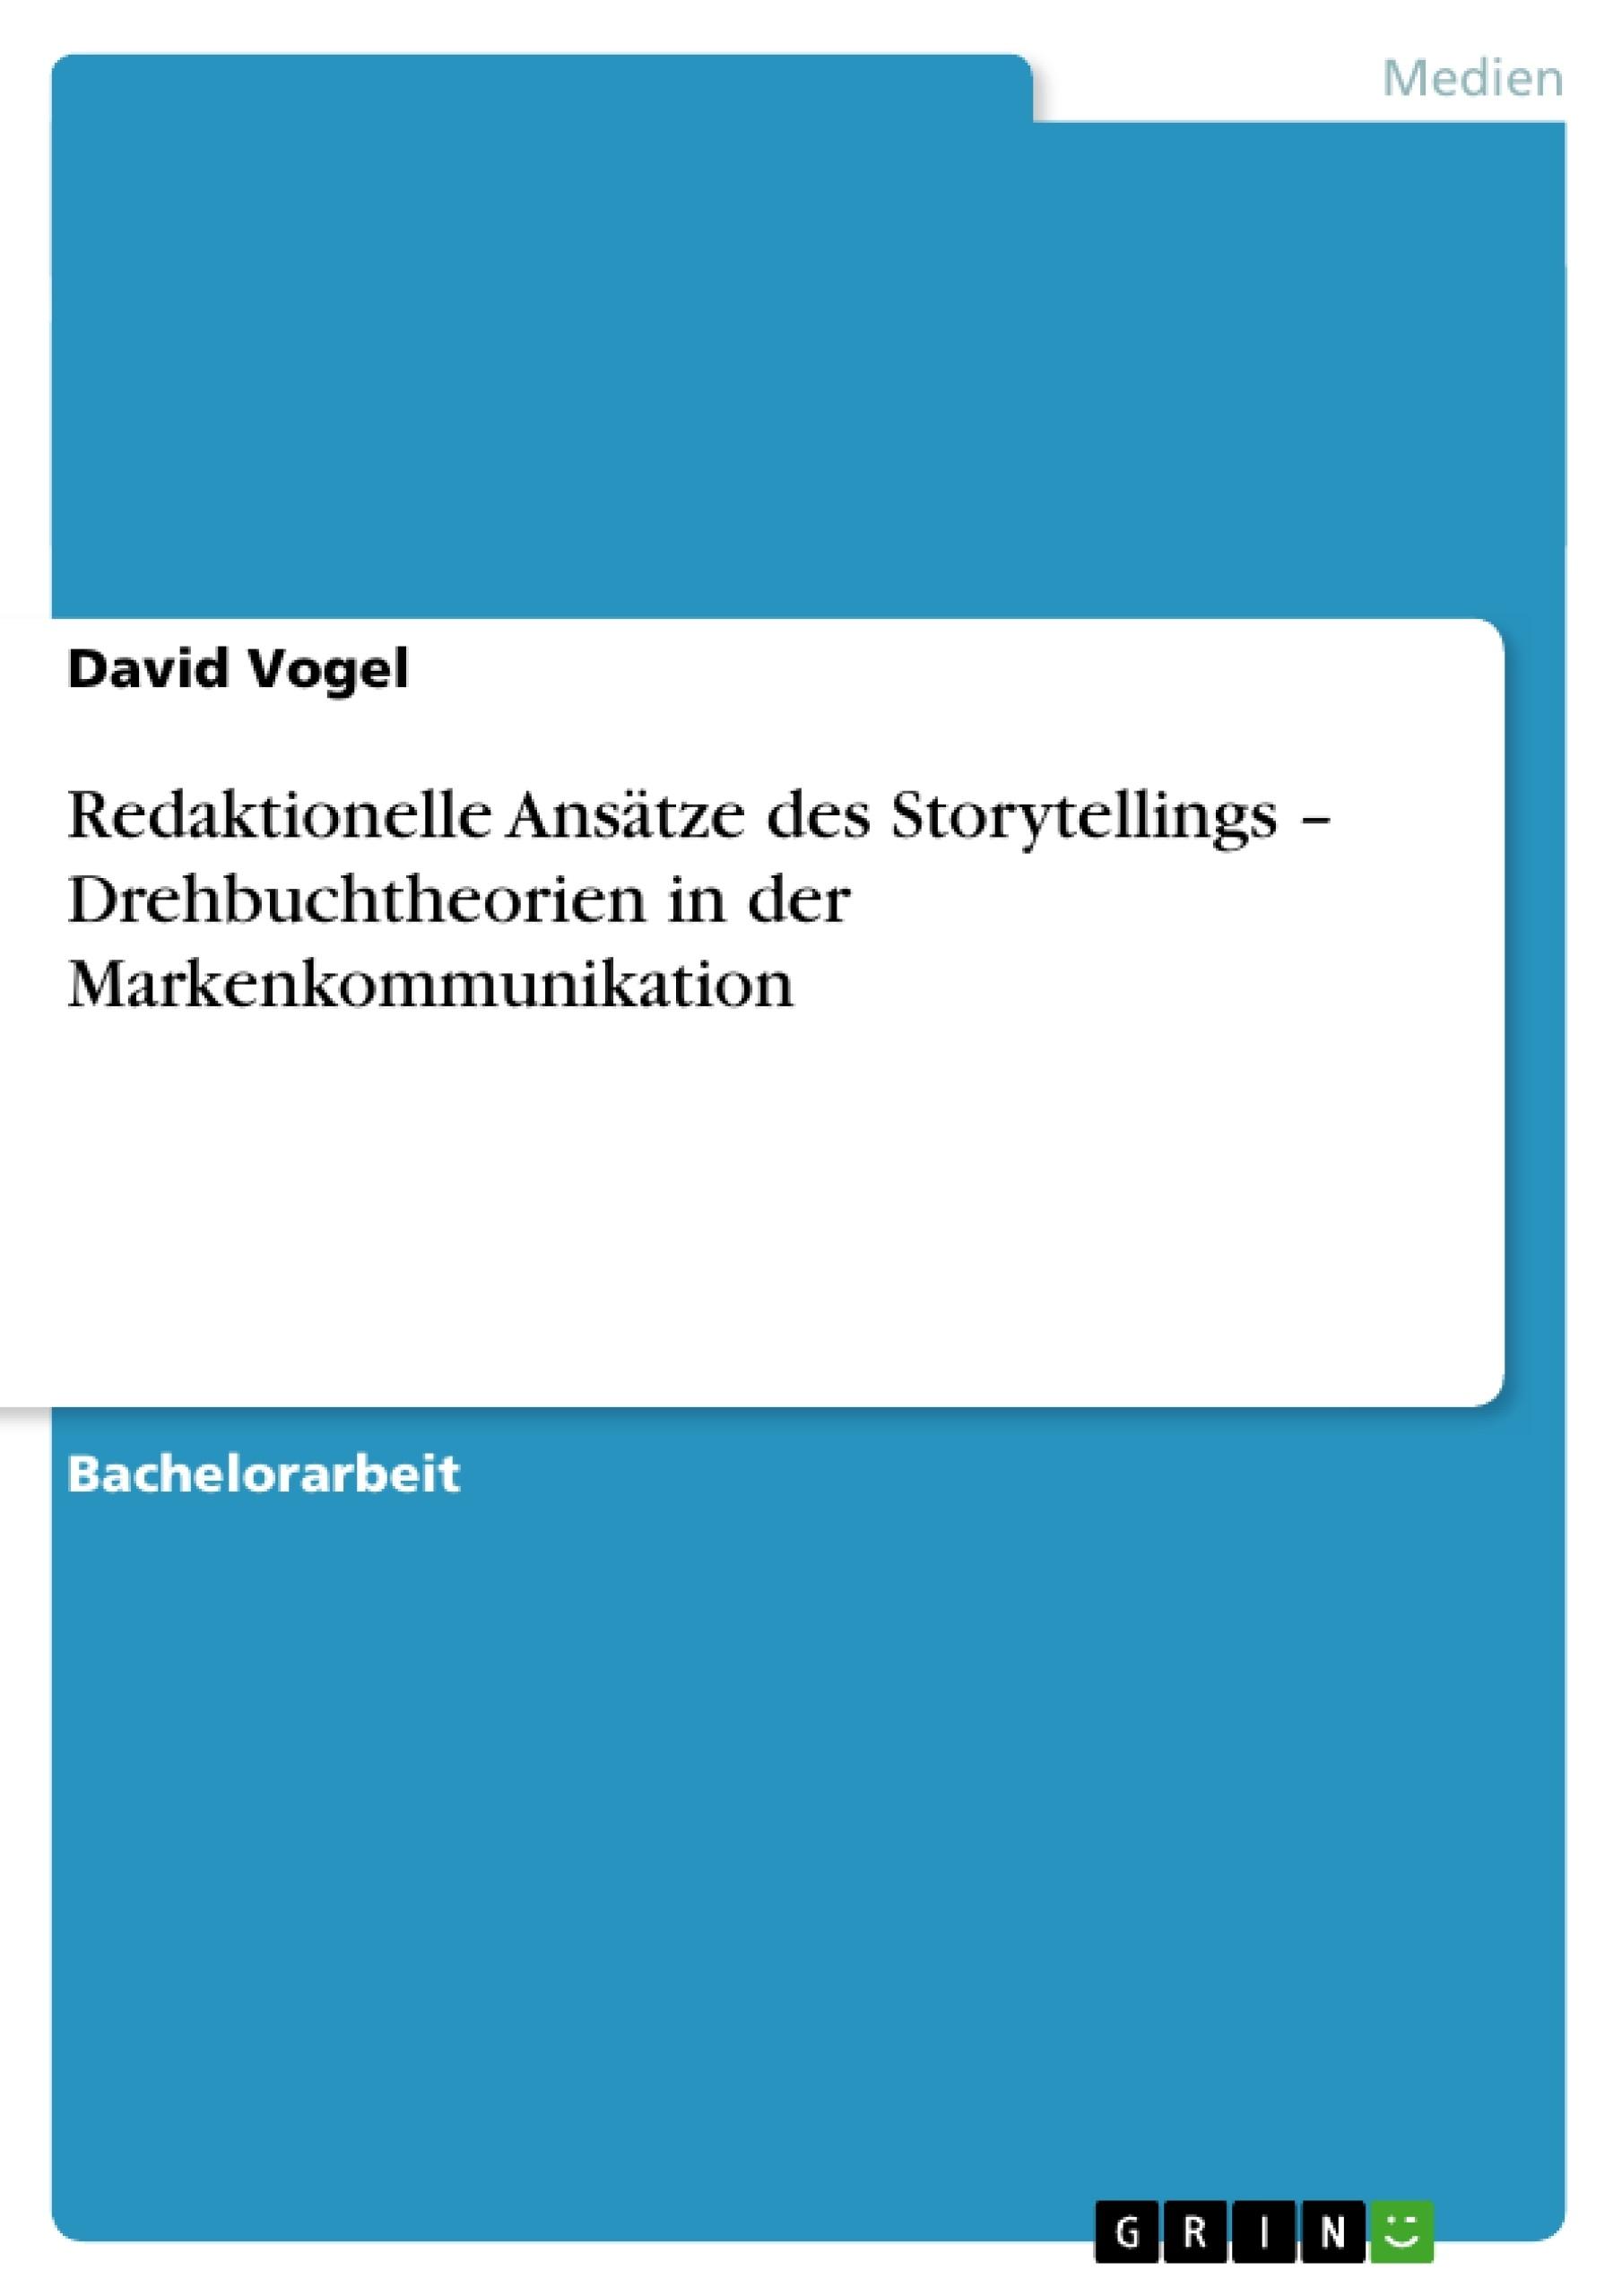 Titel: Redaktionelle Ansätze des Storytellings – Drehbuchtheorien in der Markenkommunikation